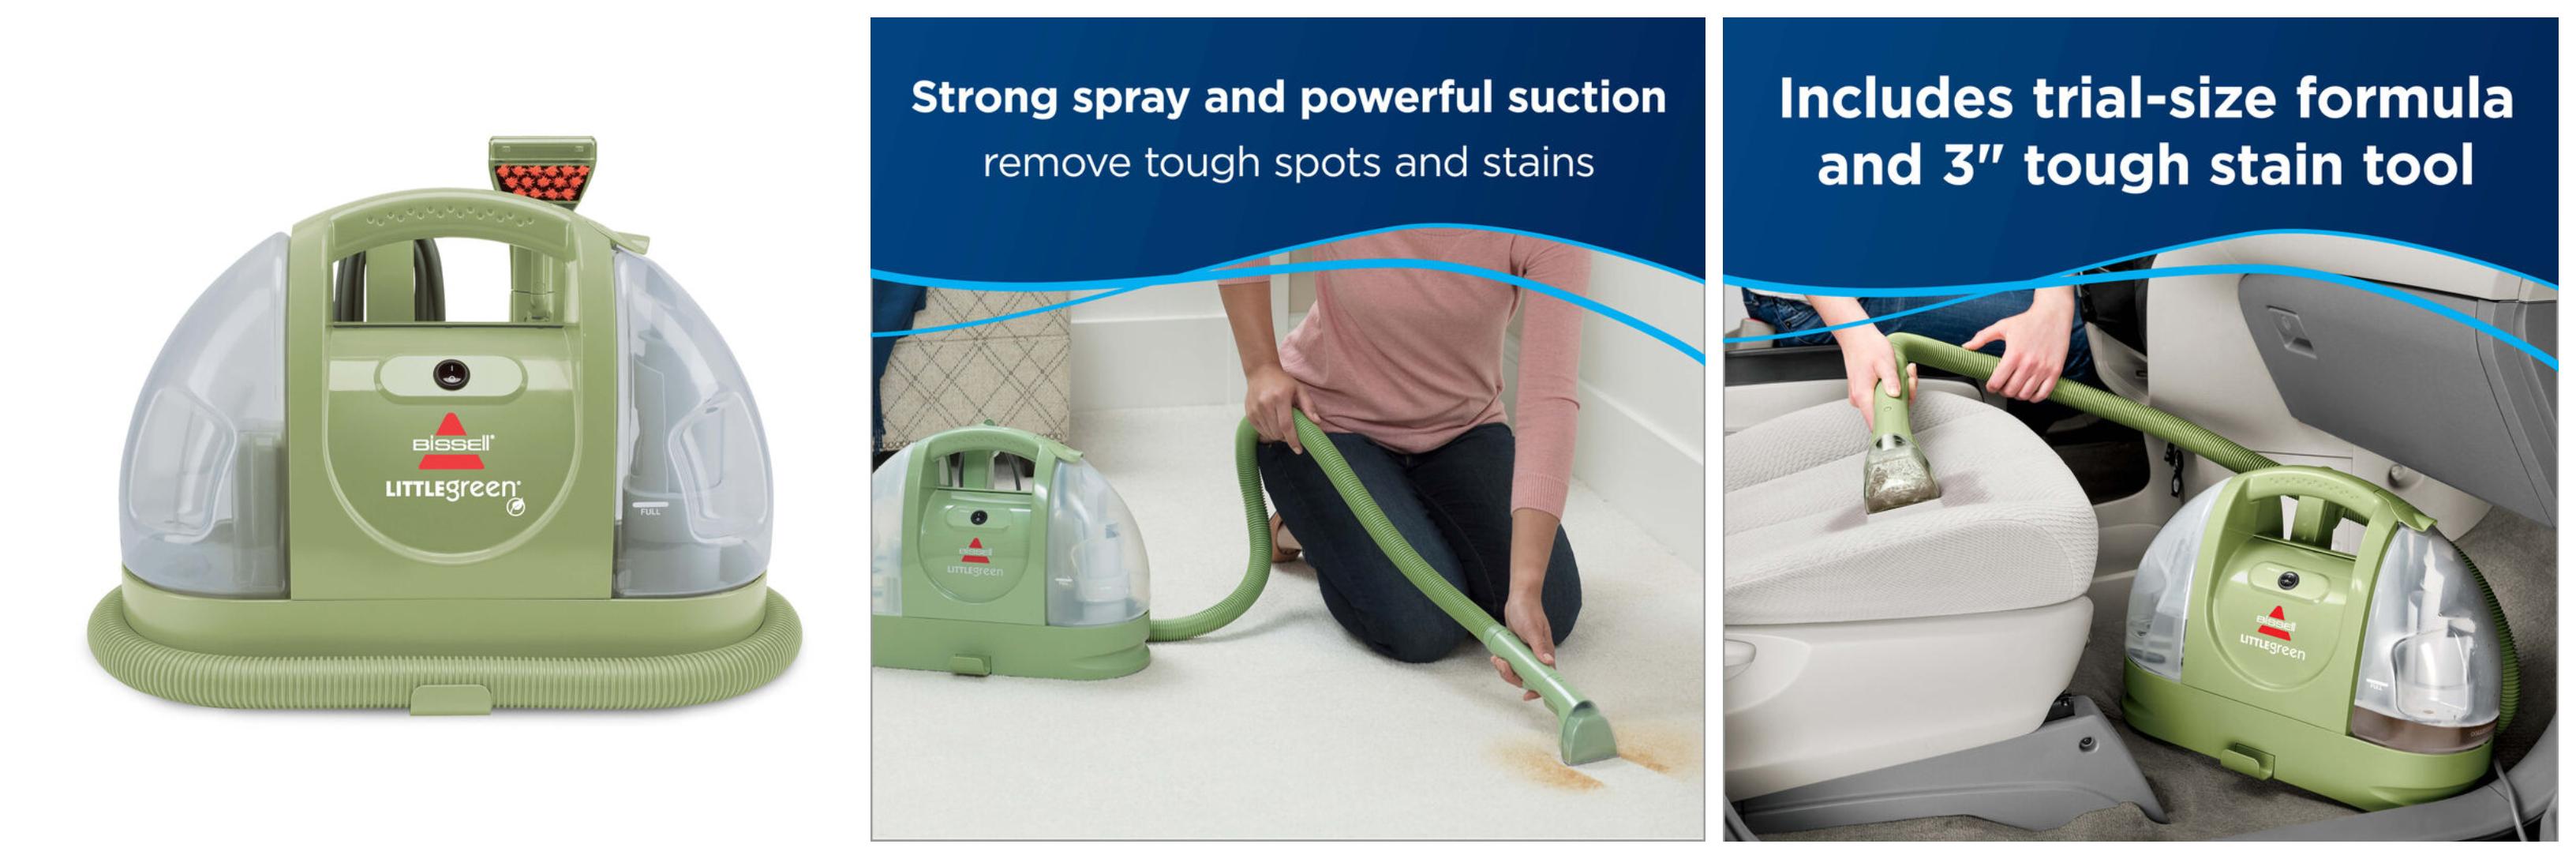 Bissel Little Green Portable Carpet Cleaner